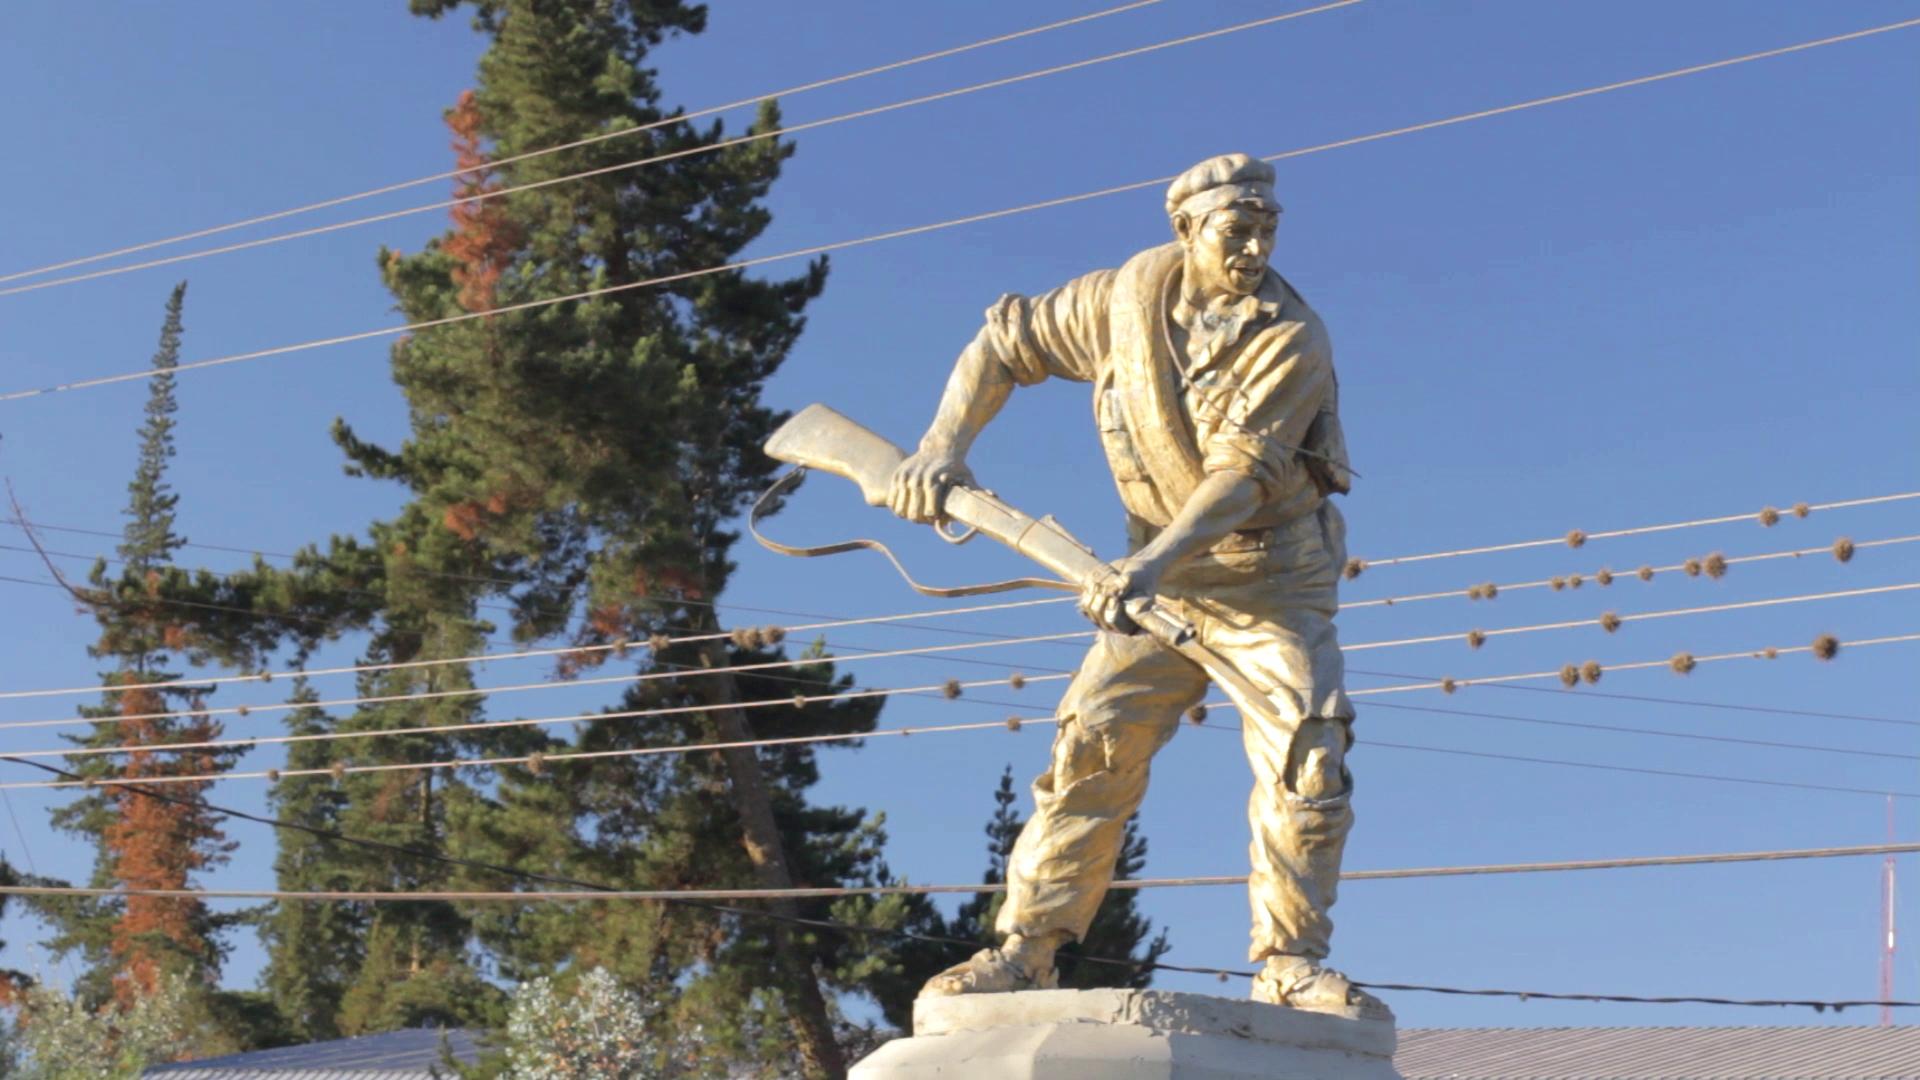 combatiente chaco estatua vallegrande pablocaminante - Ruta del Che 1/2, Vallegrande